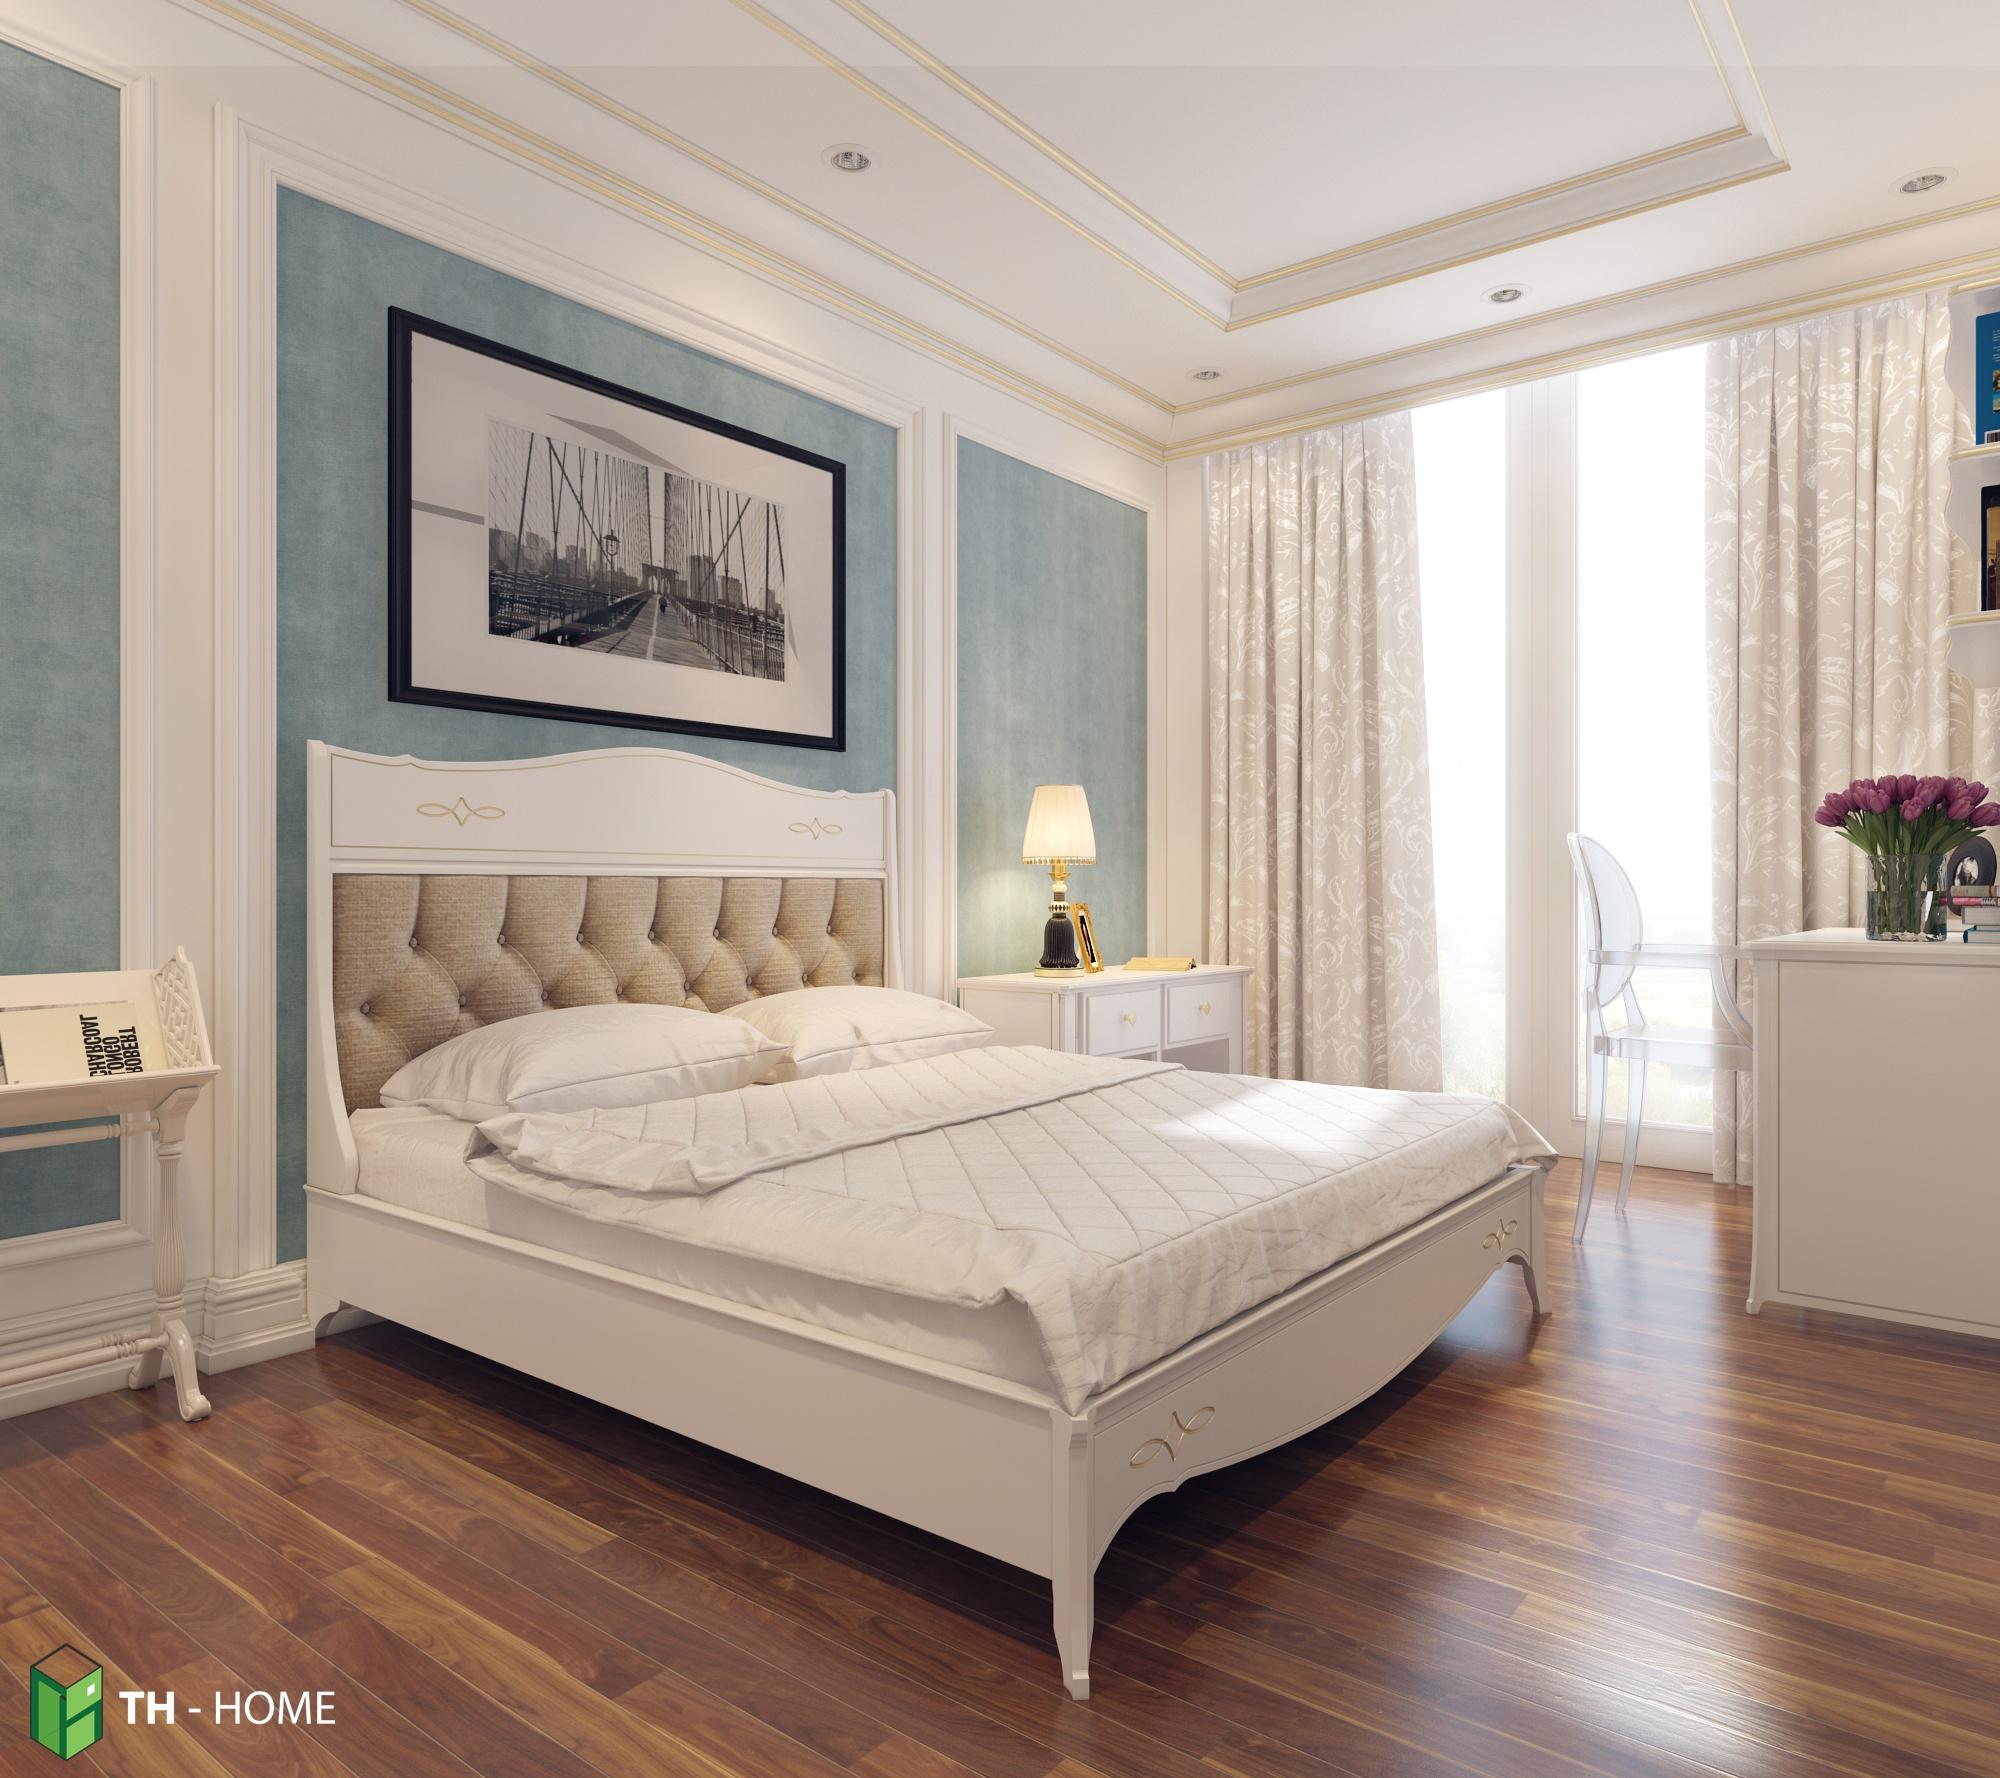 Phòng ngủ thoải mái, nơi ấp iu những giấc mơ đẹp